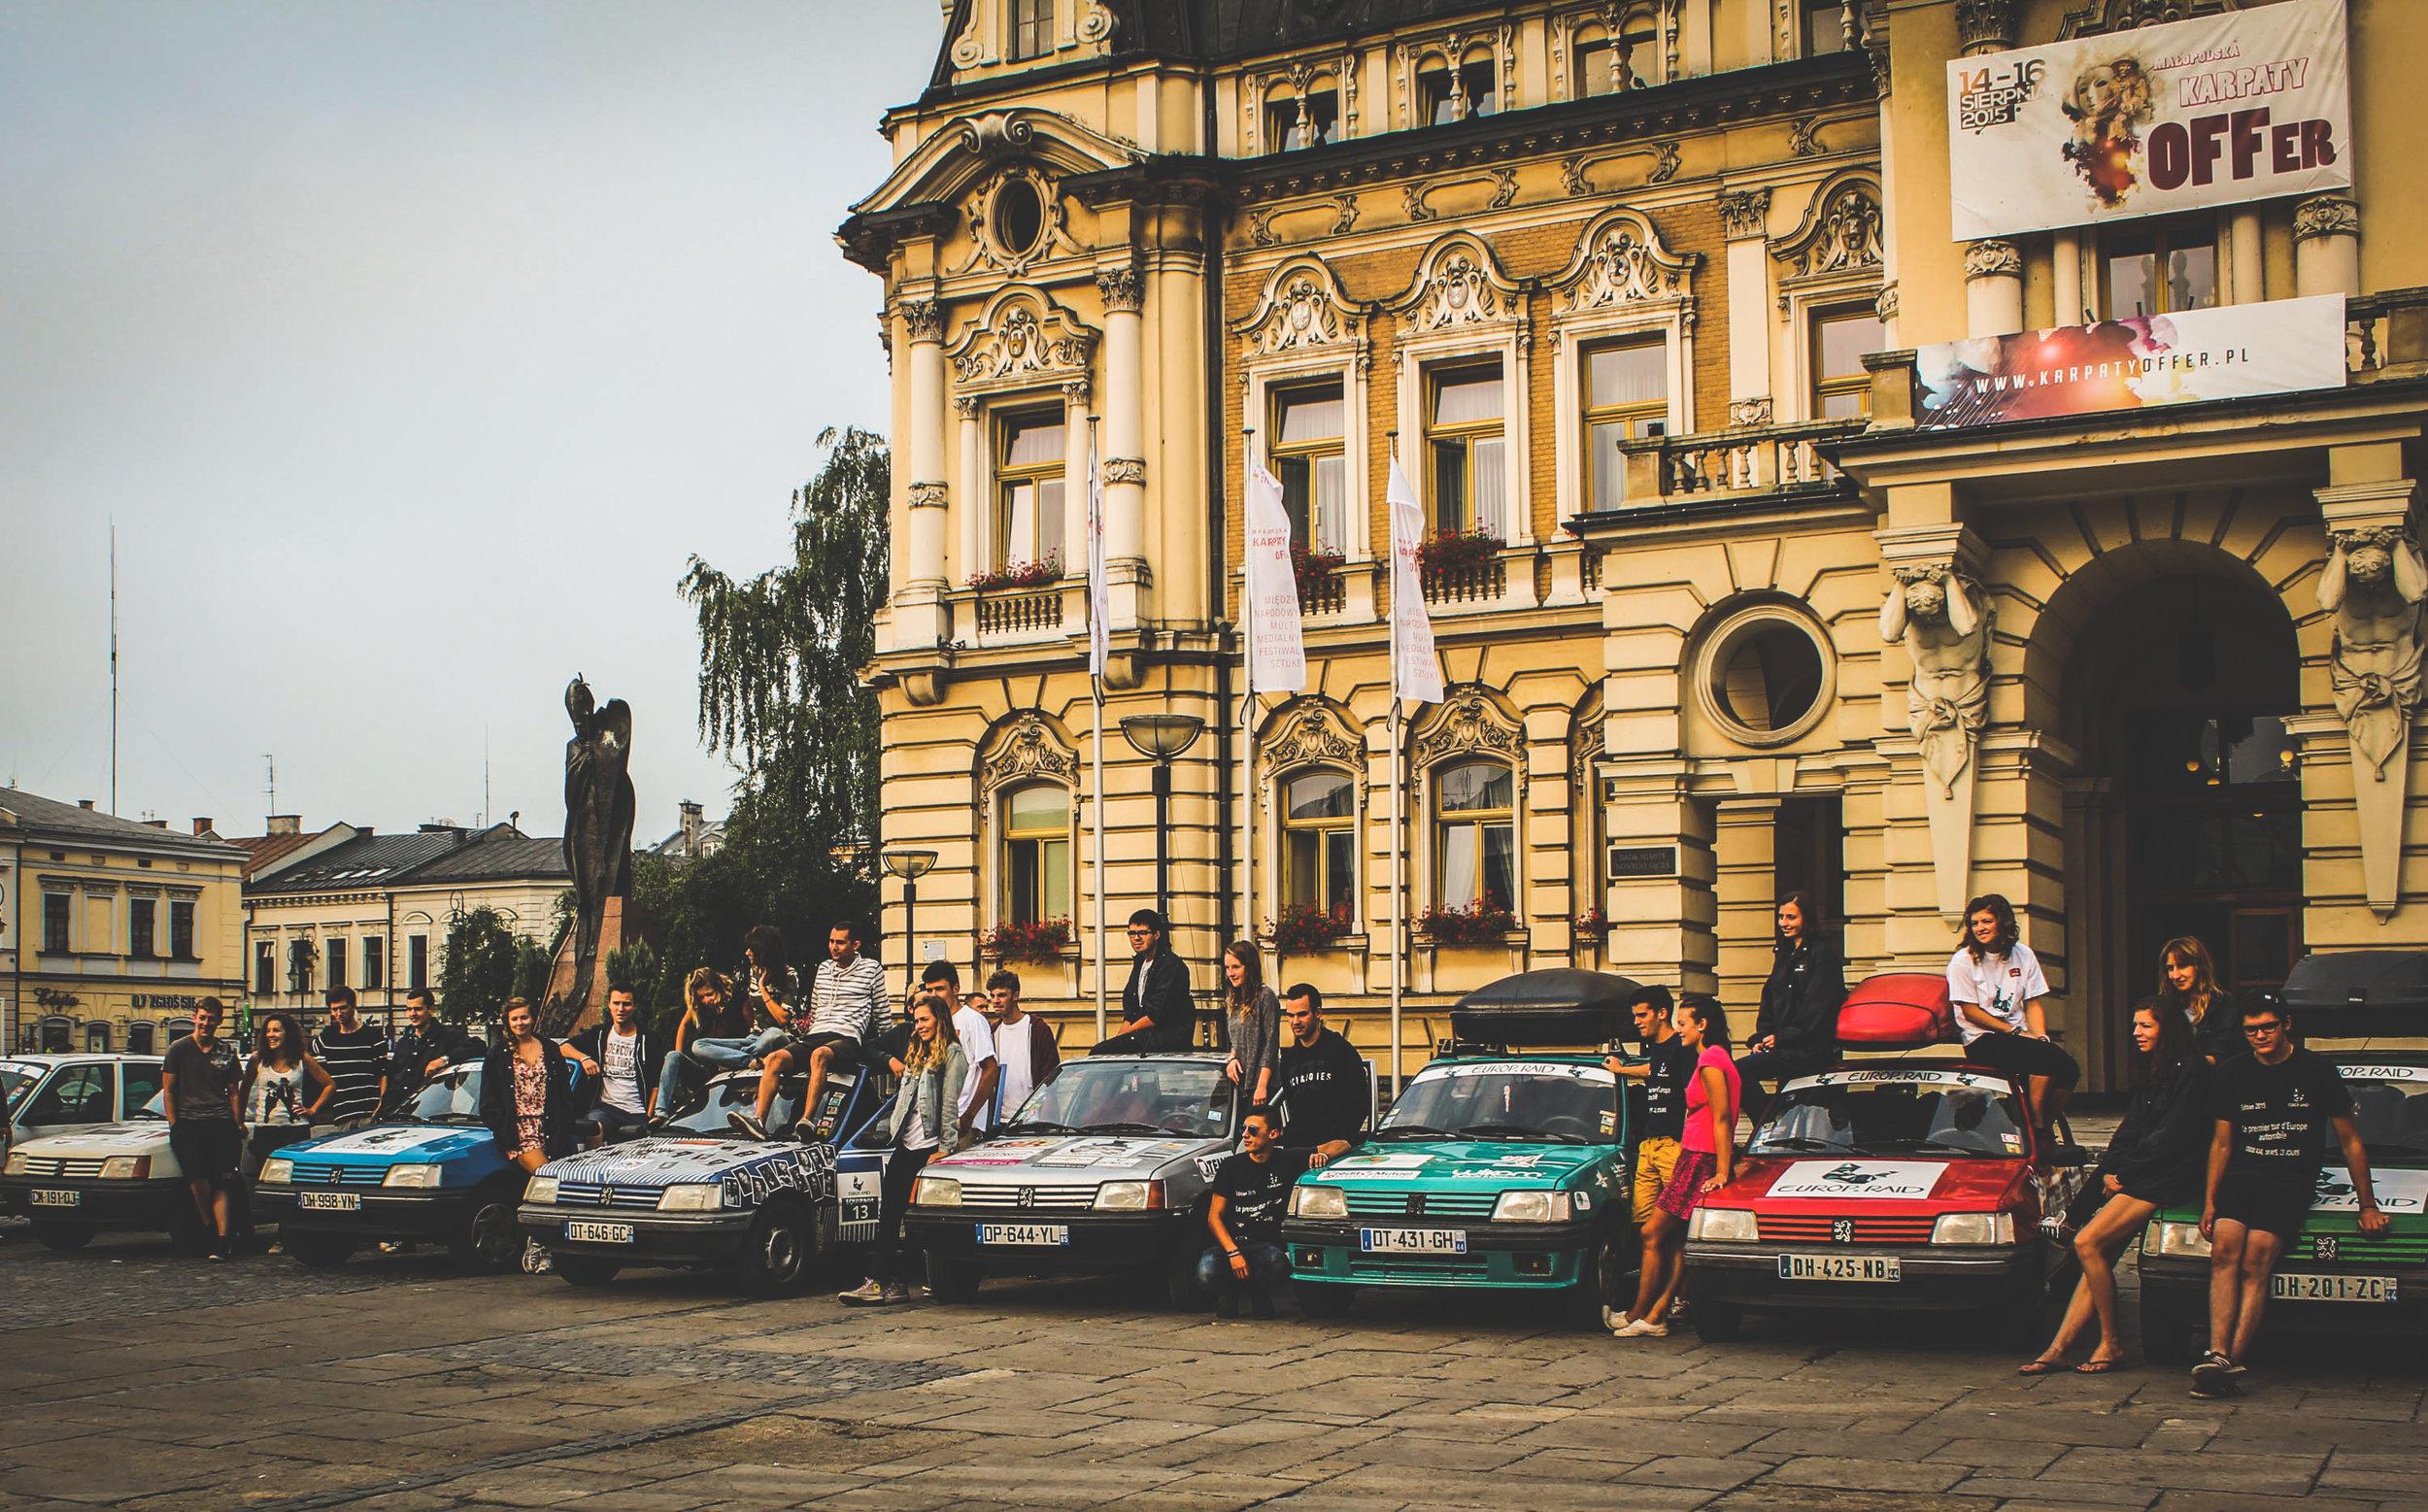 Devant la mairie de la ville qui accueillait les participants, Nowy Sacz, Pologne.